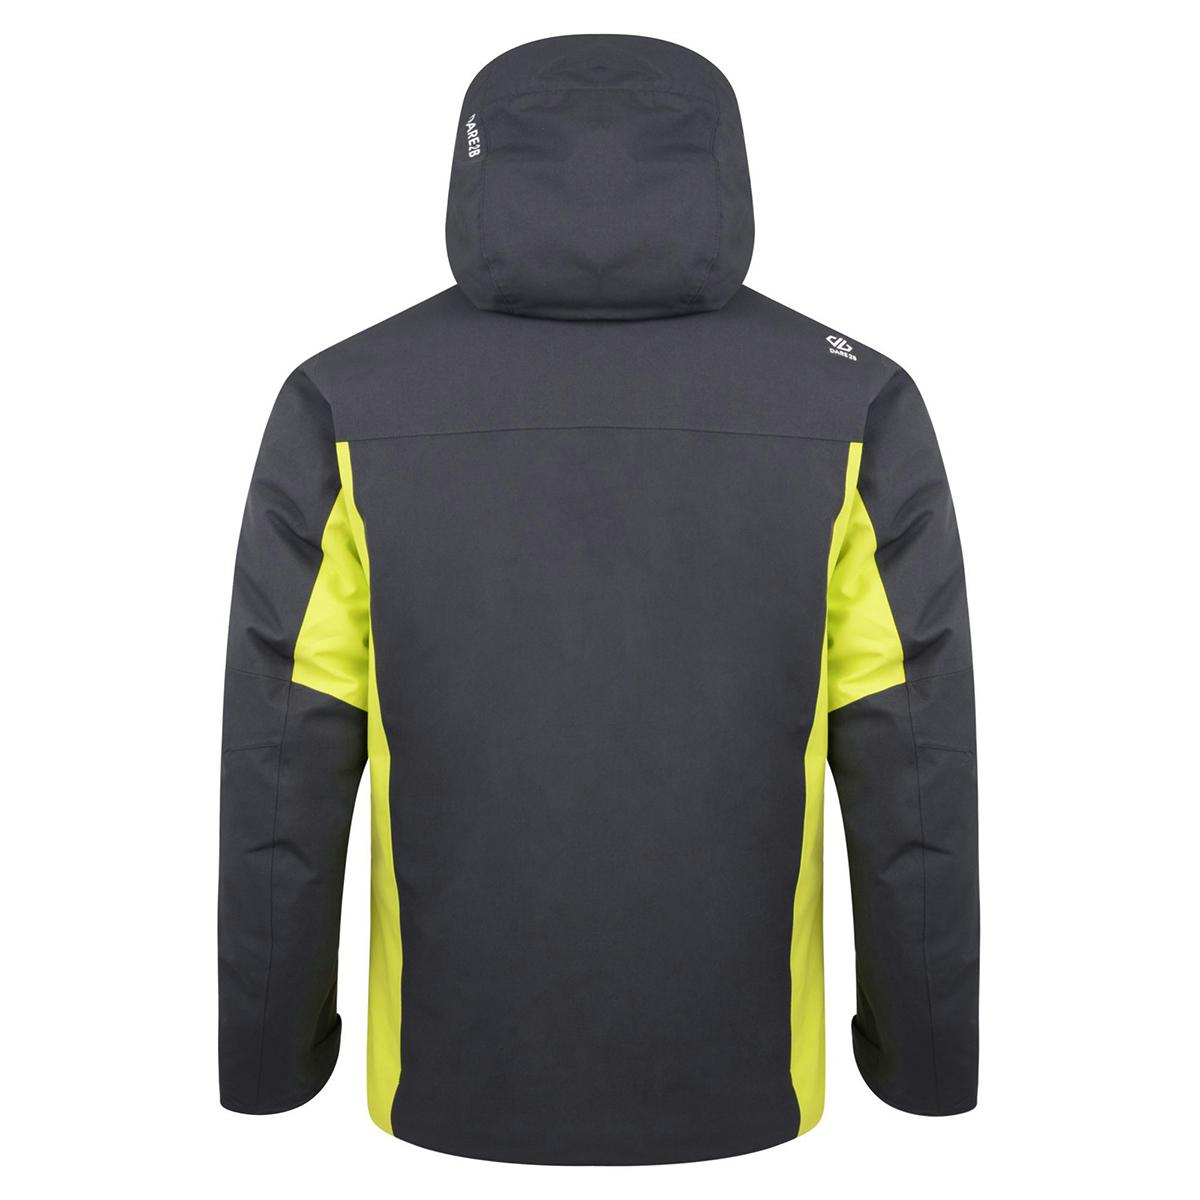 Intermit Jacket gelbgrauSport Online Shop Sport Rankl